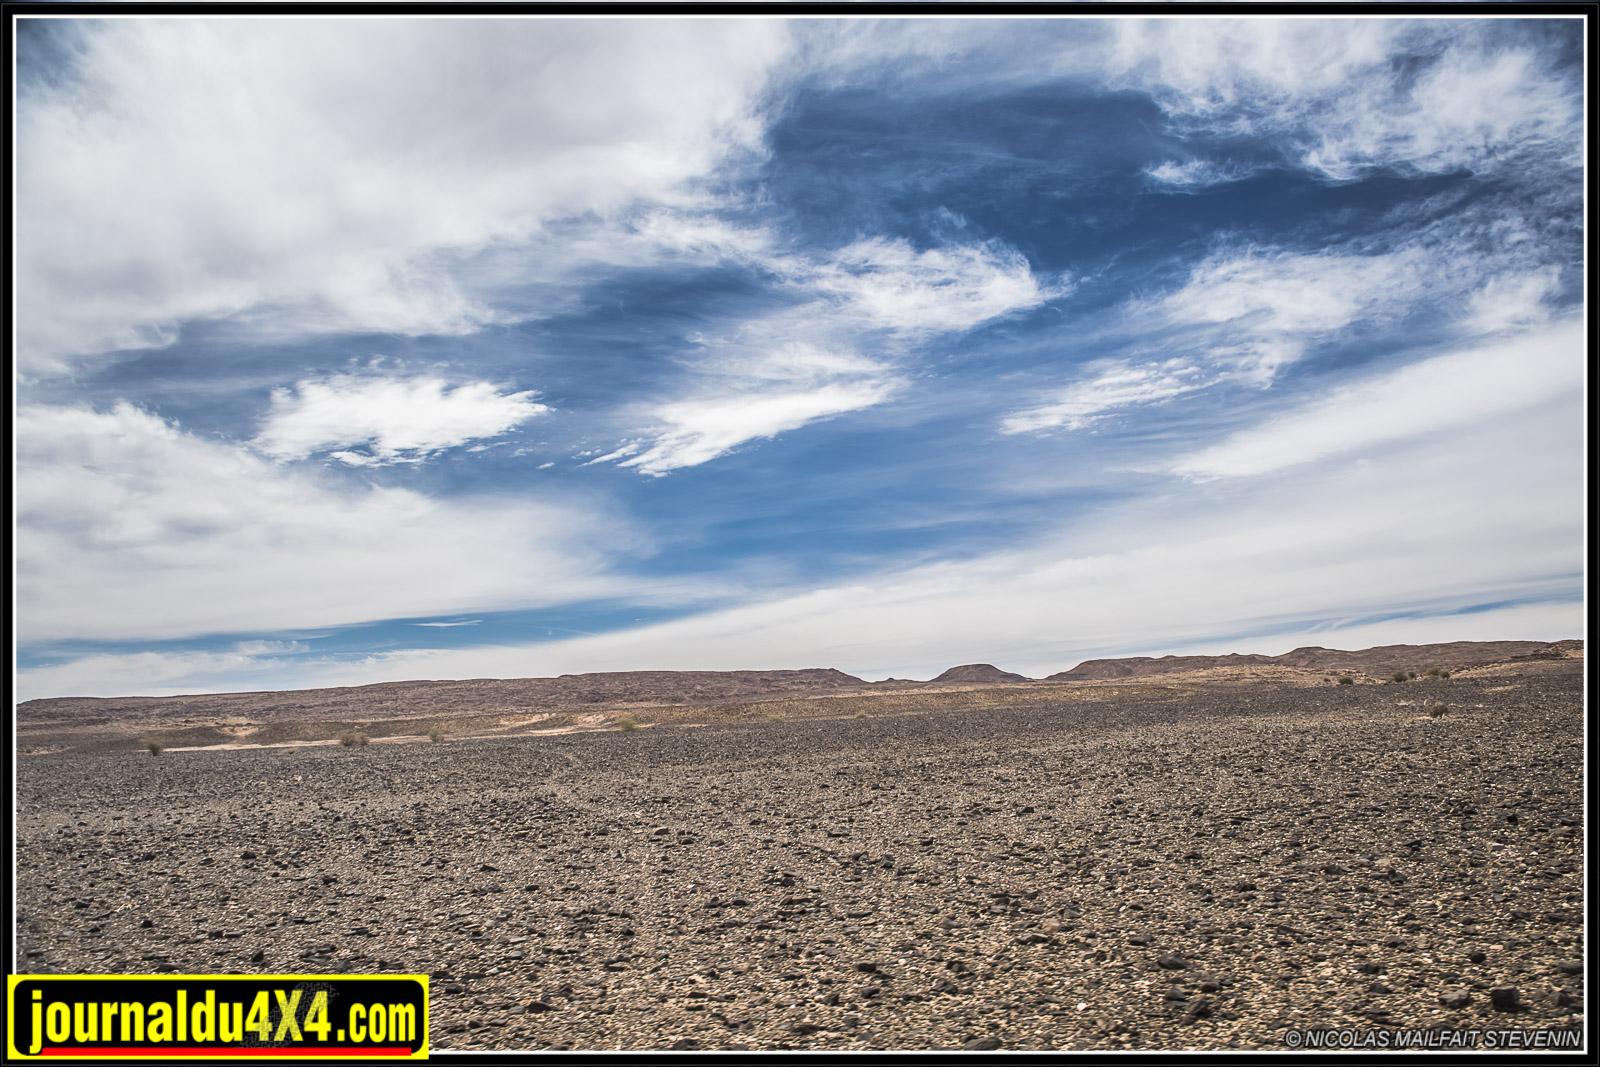 rallye-aicha-gazelles-maroc-2017-6750.jpg